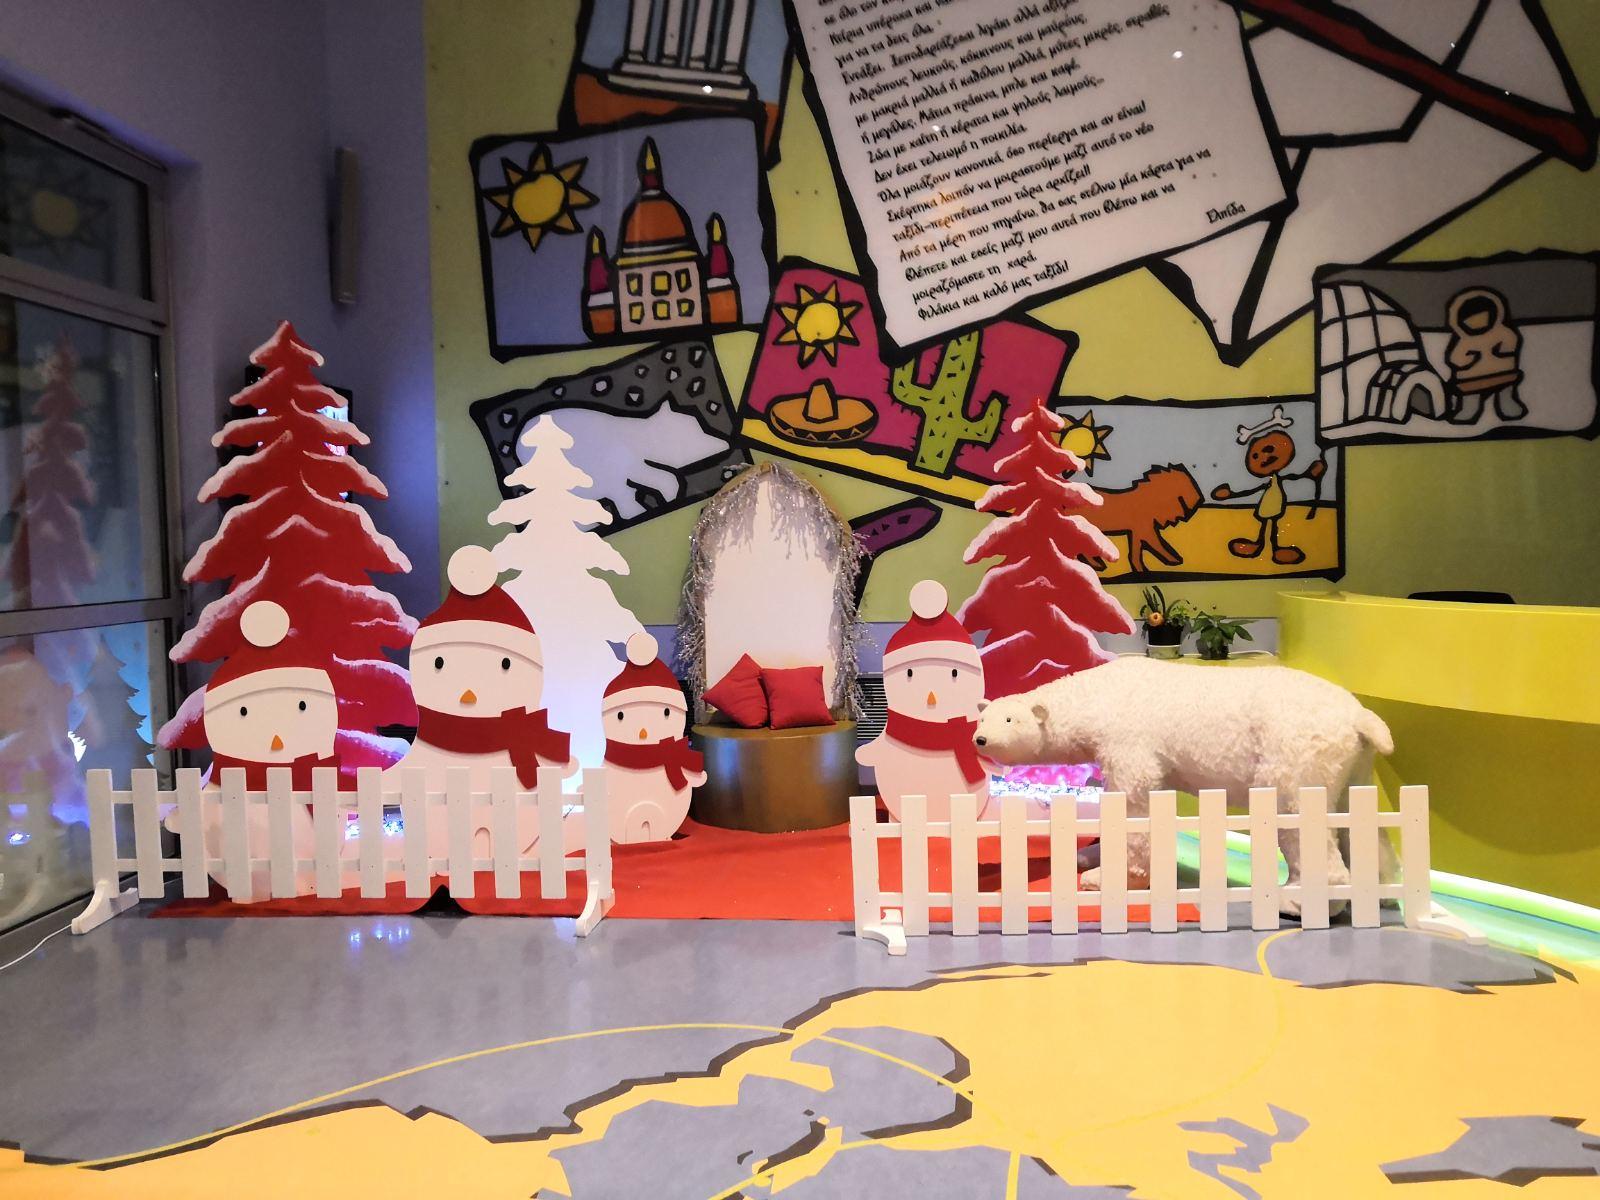 Χριστουγεννιάτικη σύνθεση με πιγκουίνους